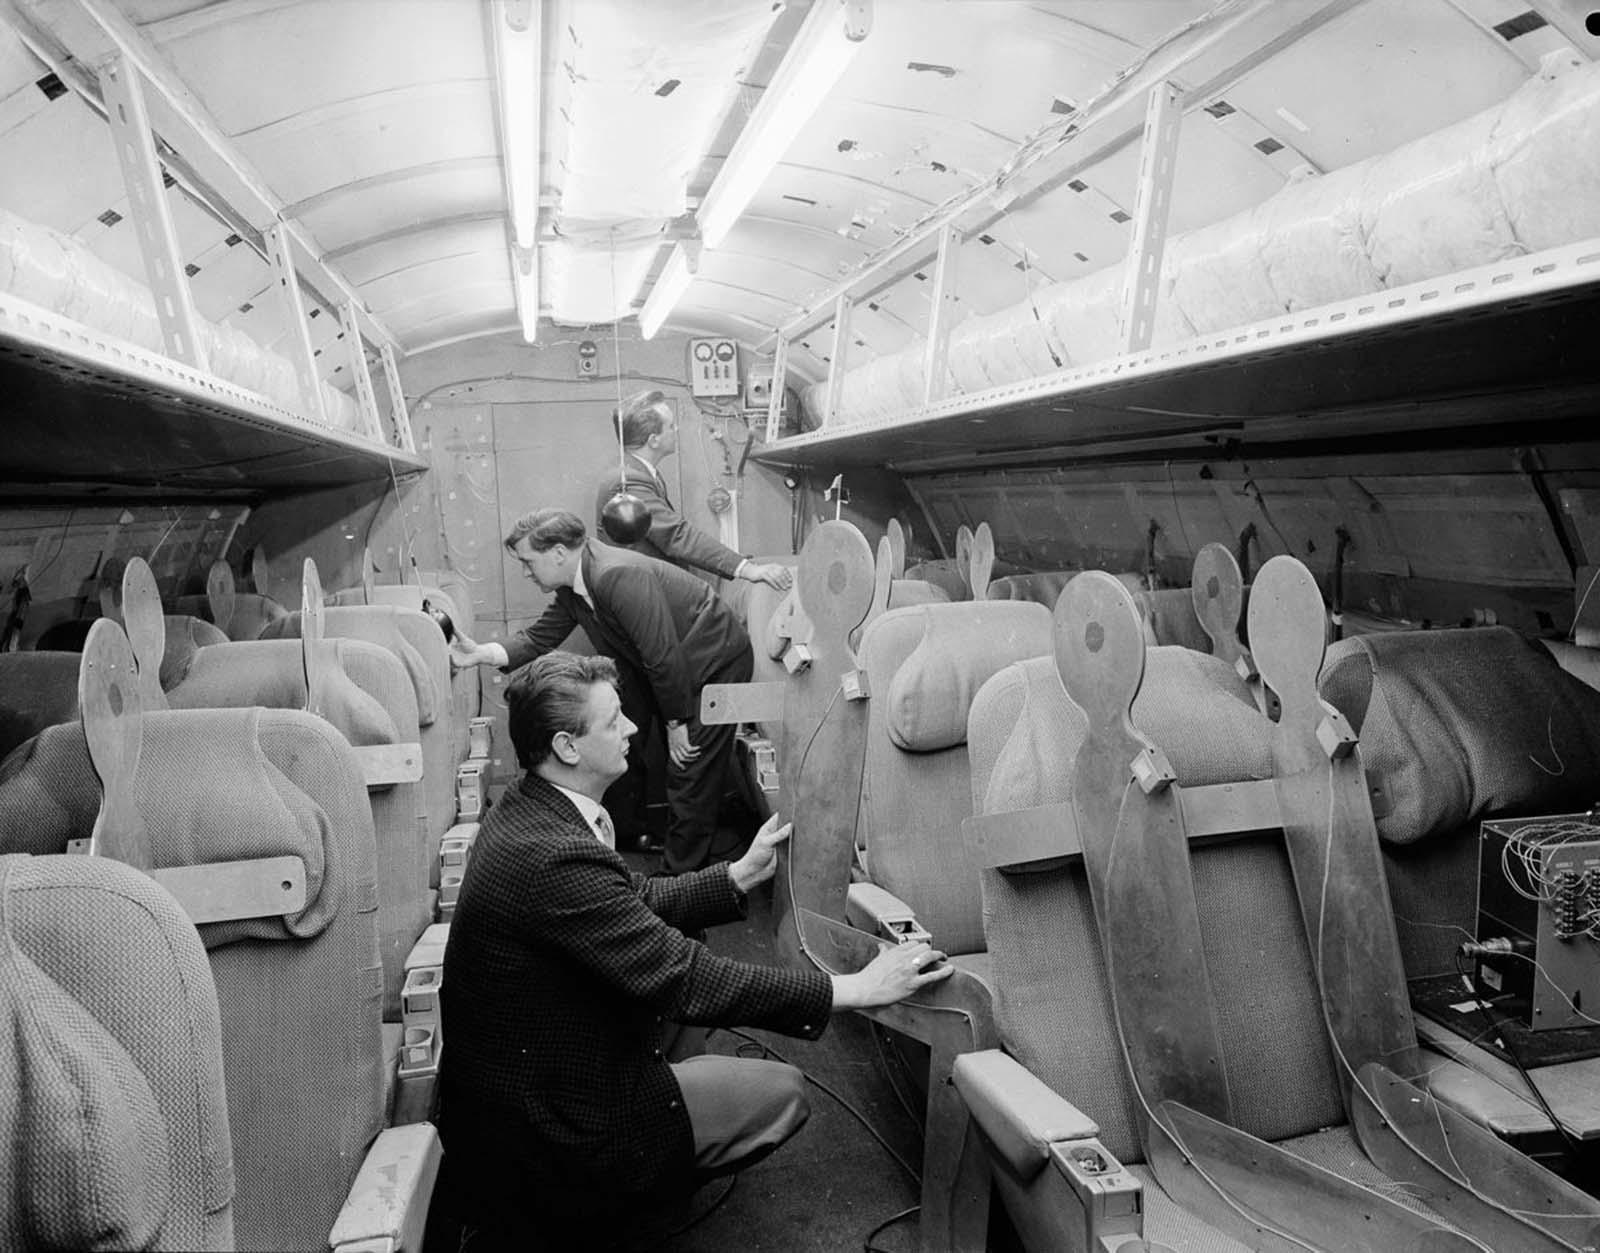 Tervezők és utas-stand-inek a Concorde kabinjában.  1964.